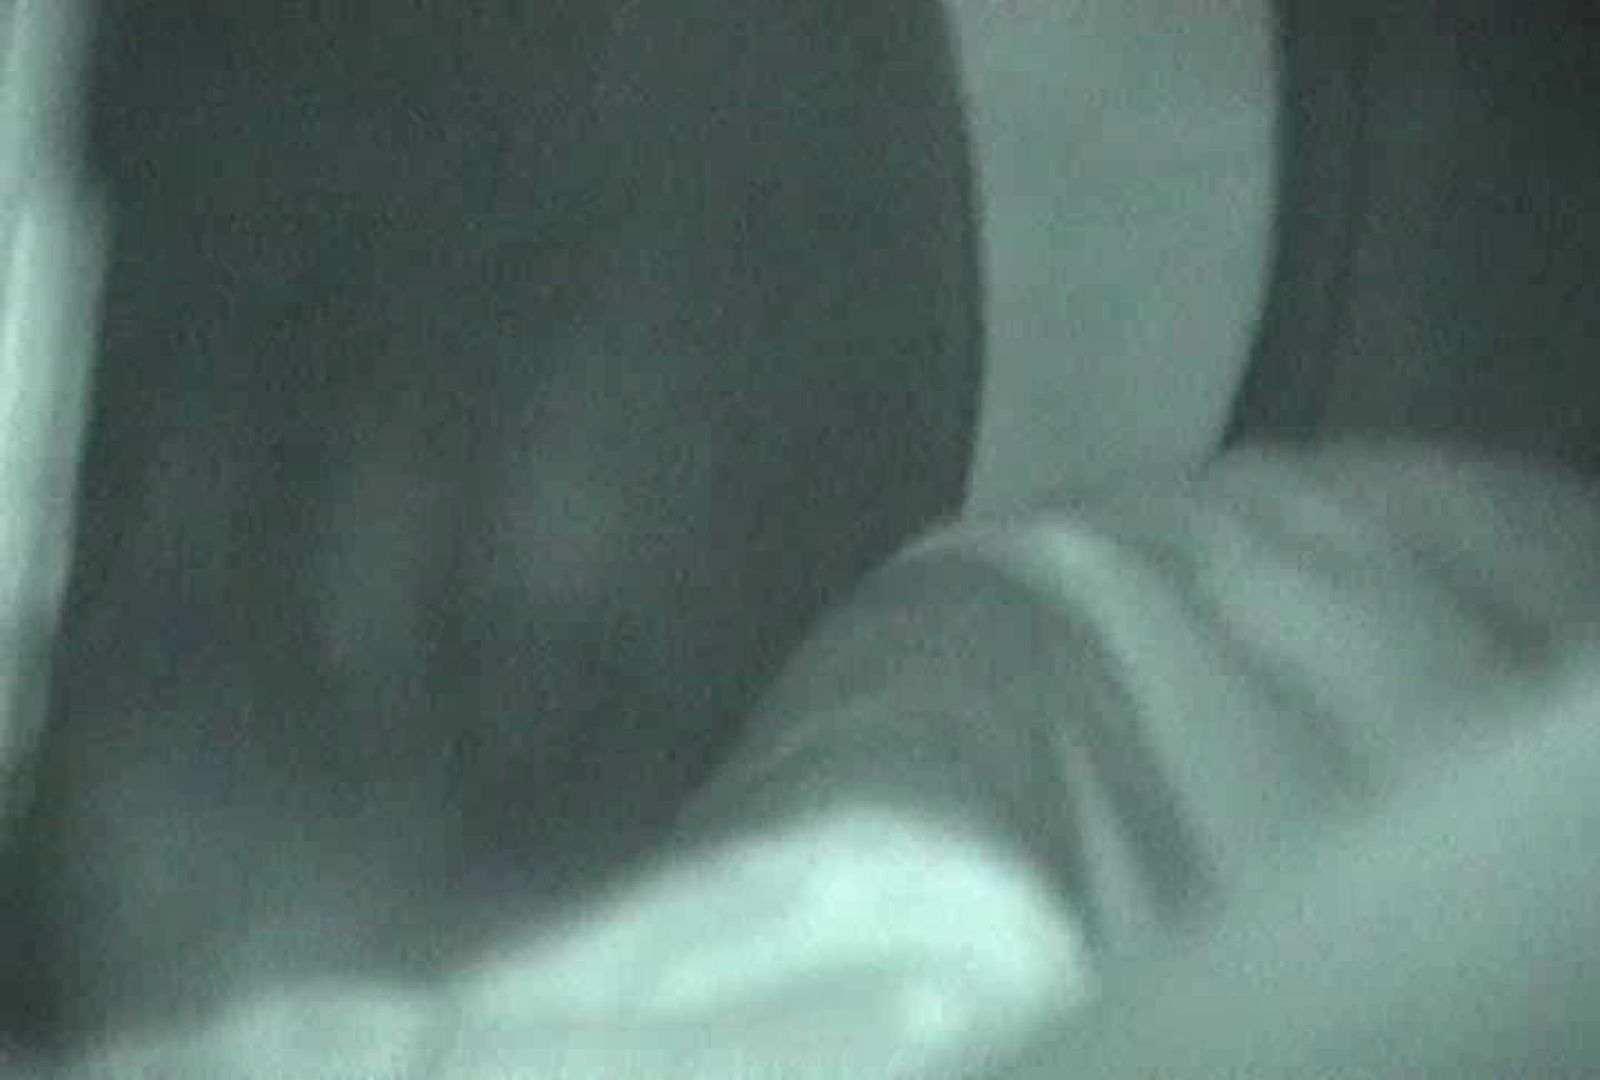 充血監督の深夜の運動会Vol.94 セックス | カップル  85pic 43